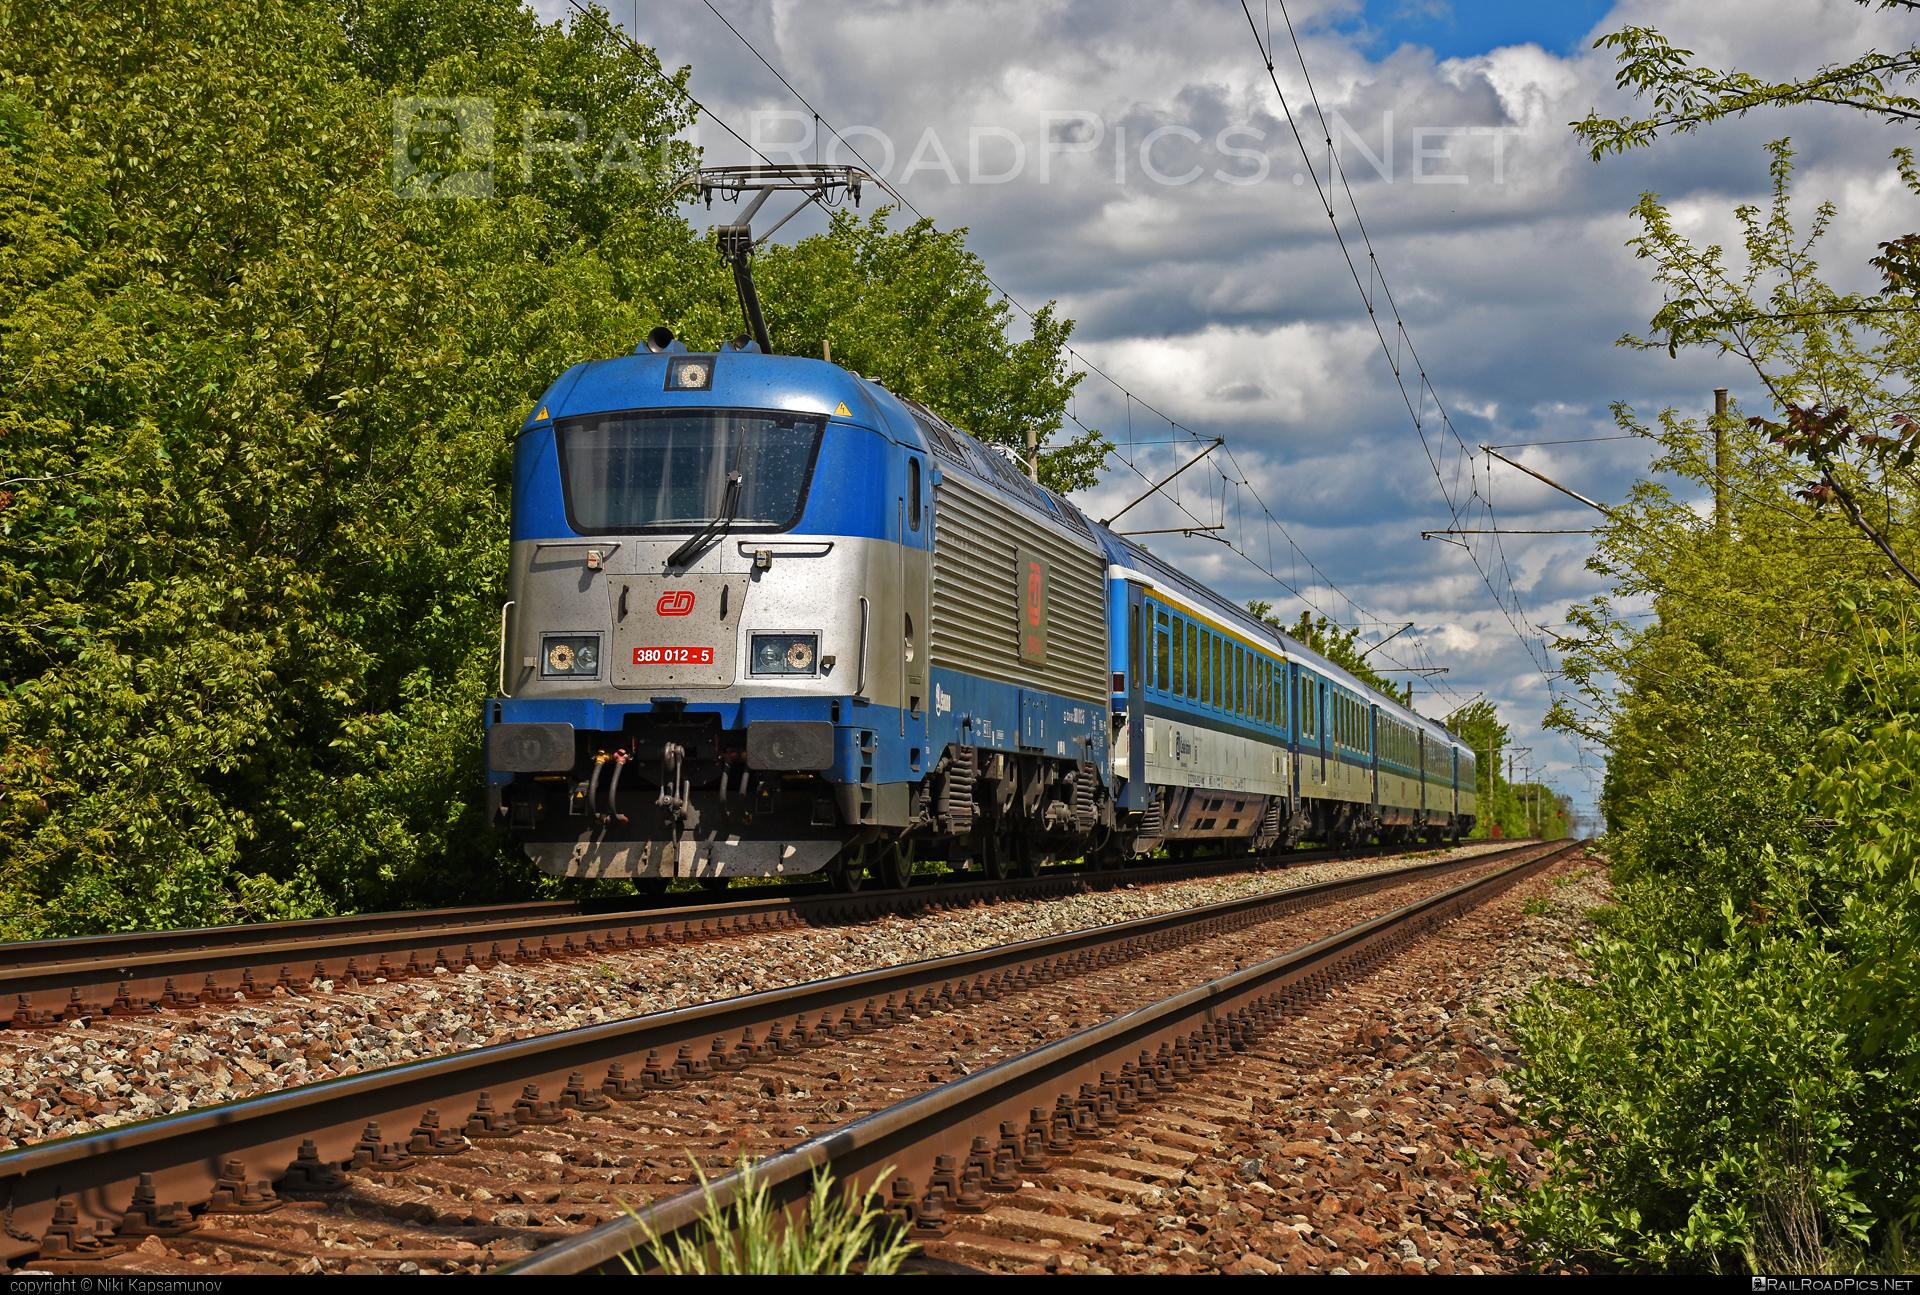 Škoda 109E1 Emil Zátopek - 380 012-5 operated by České dráhy, a.s. #cd #ceskedrahy #emilzatopeklocomotive #locomotive380 #skoda #skoda109e #skoda109elocomotive